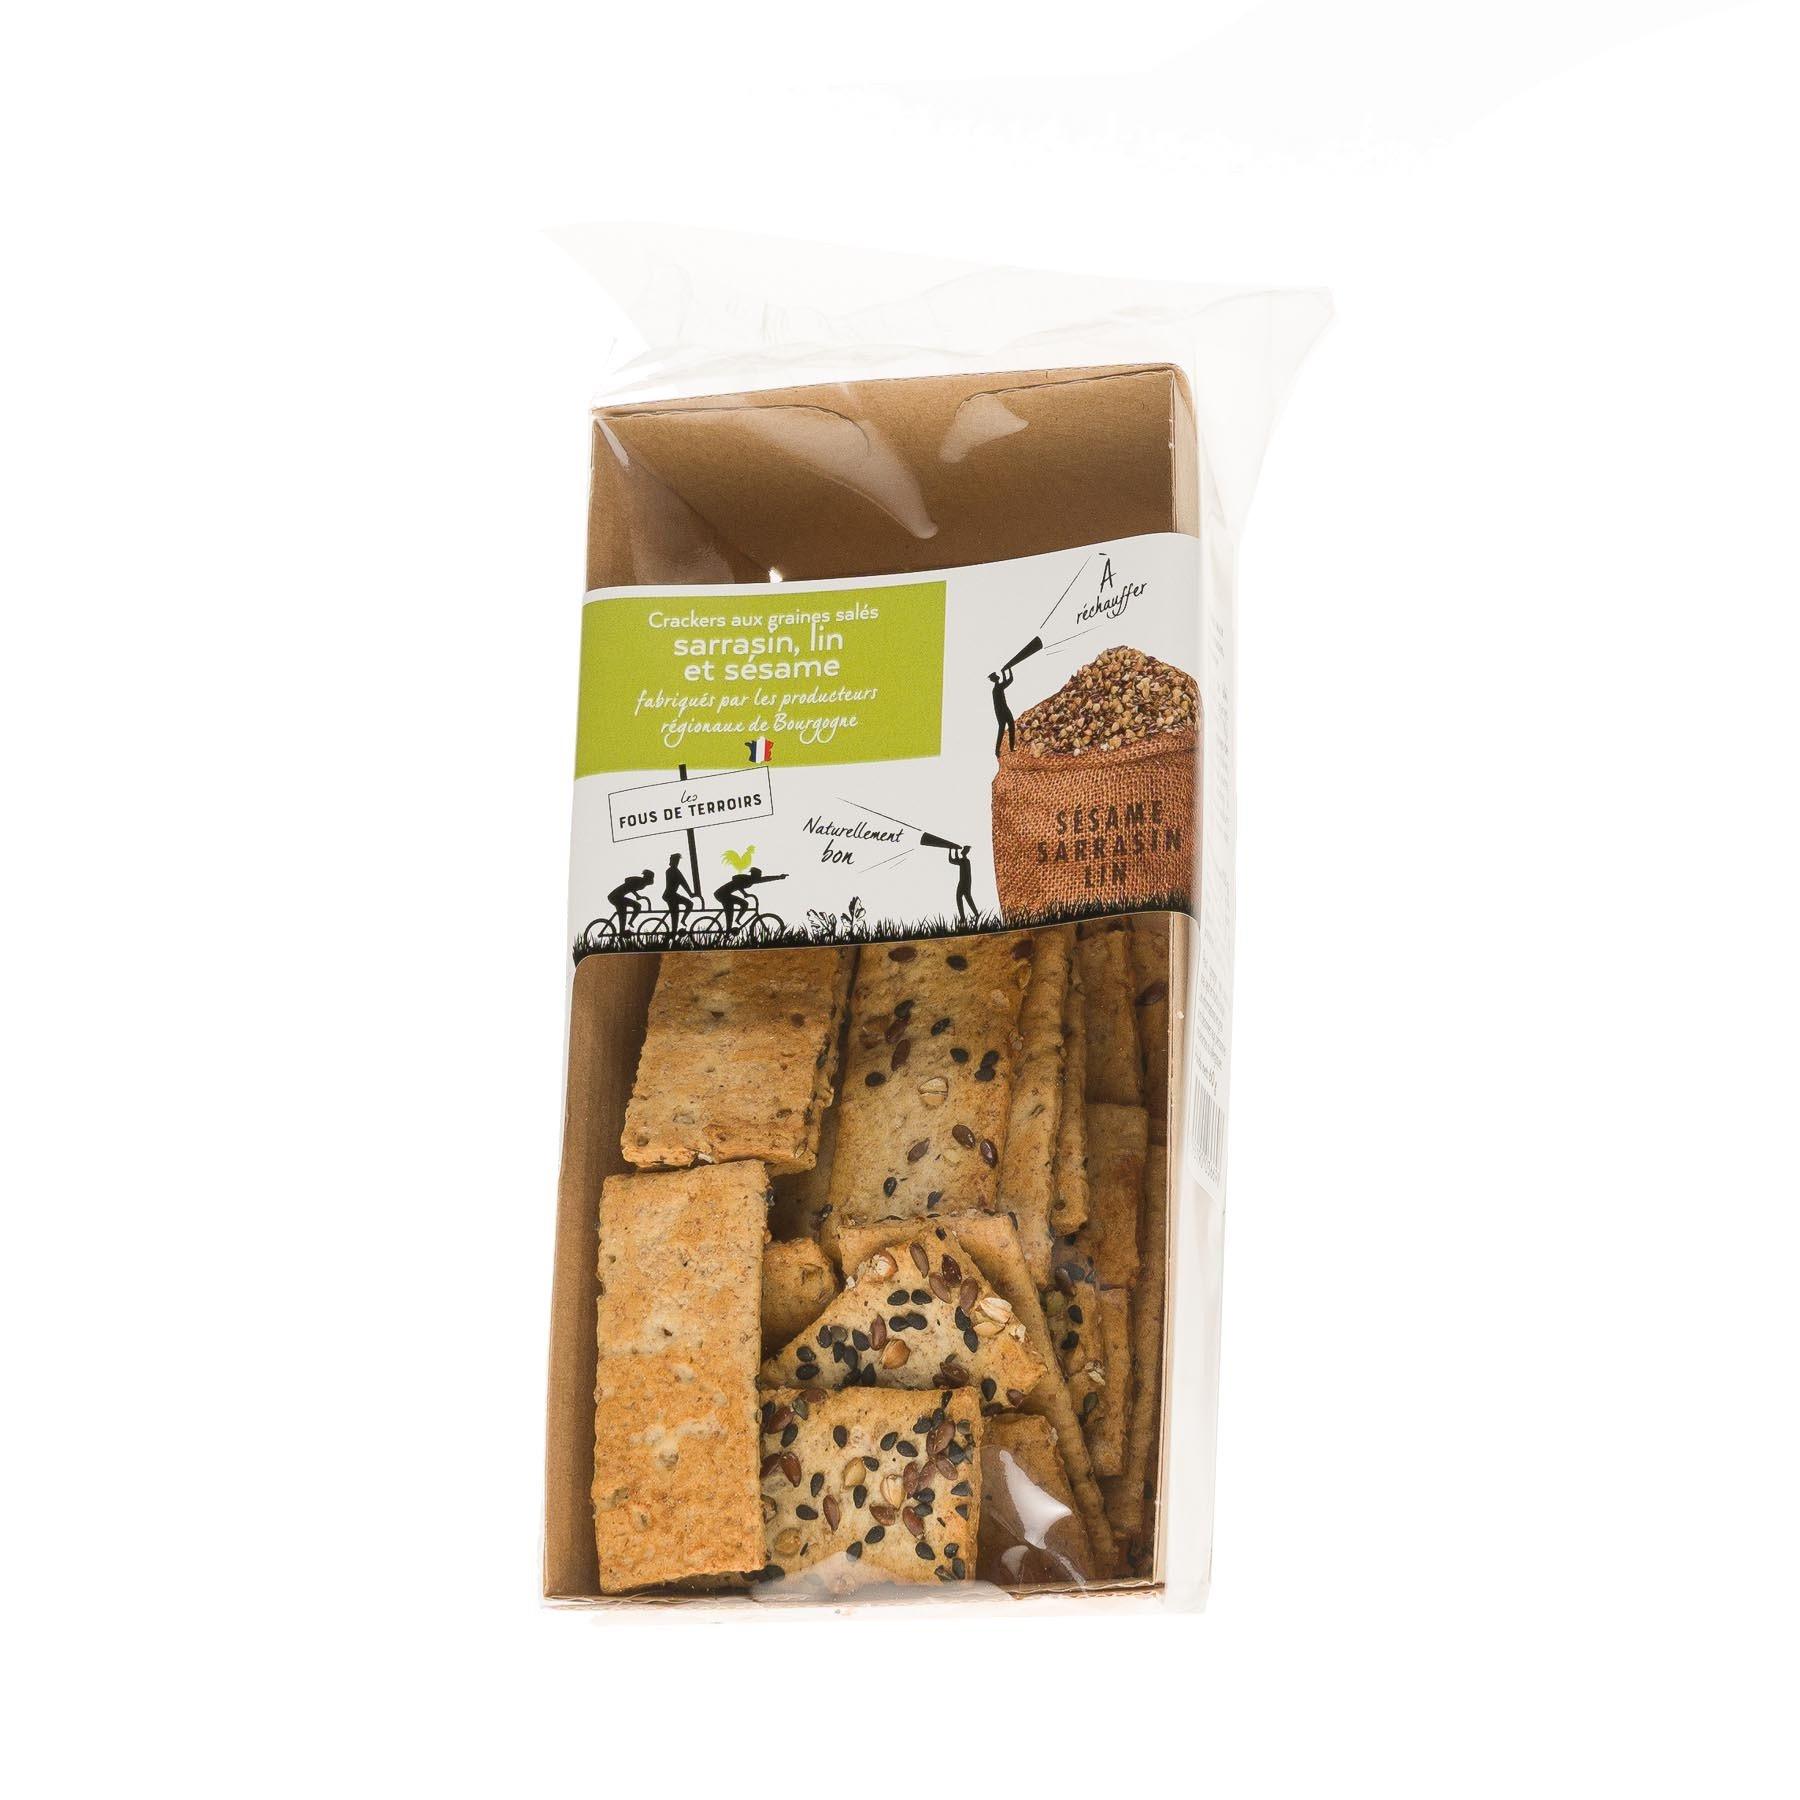 Crackers aux graines salées : sarrasin, lin et sésame